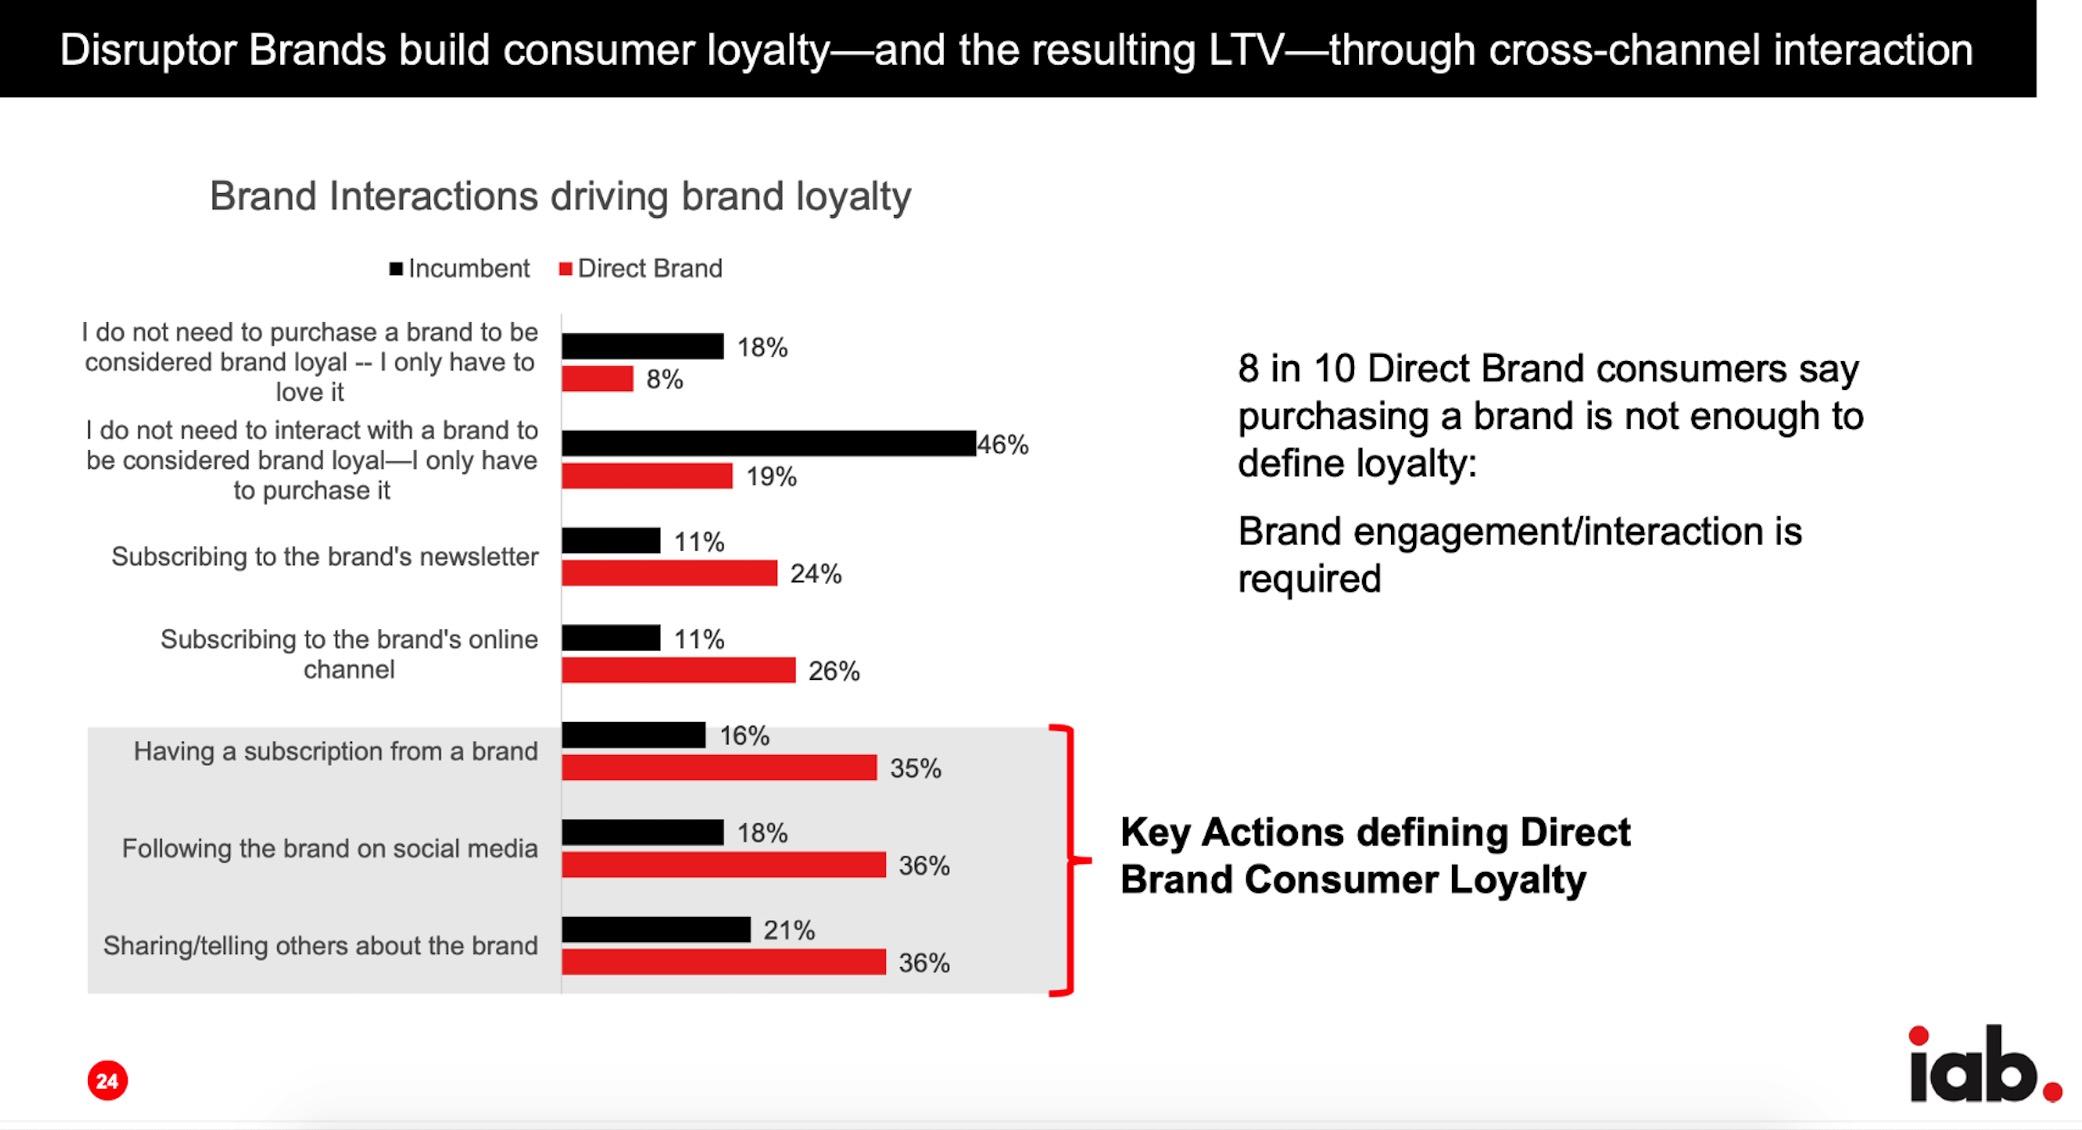 互动与提高品牌忠诚度的相关性